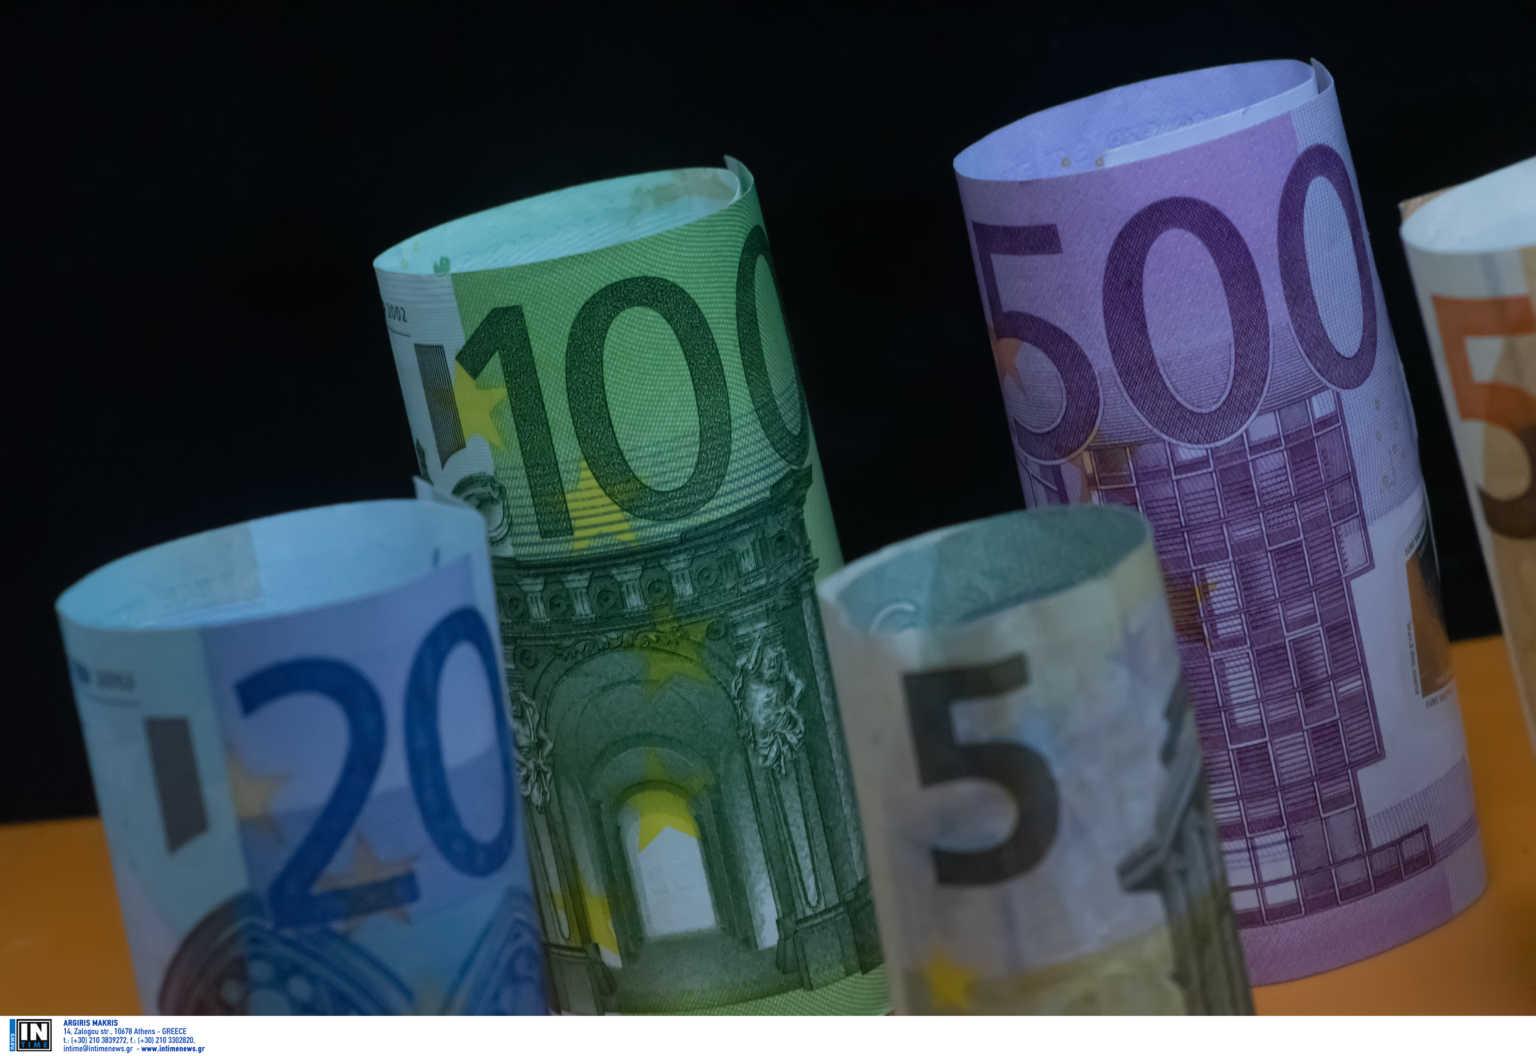 Πληττόμενες επιχειρήσεις: Πώς θα πληρώσουν φόρους & εισφορές χωρίς να χρησιμοποιήσουν «ζεστό χρήμα»